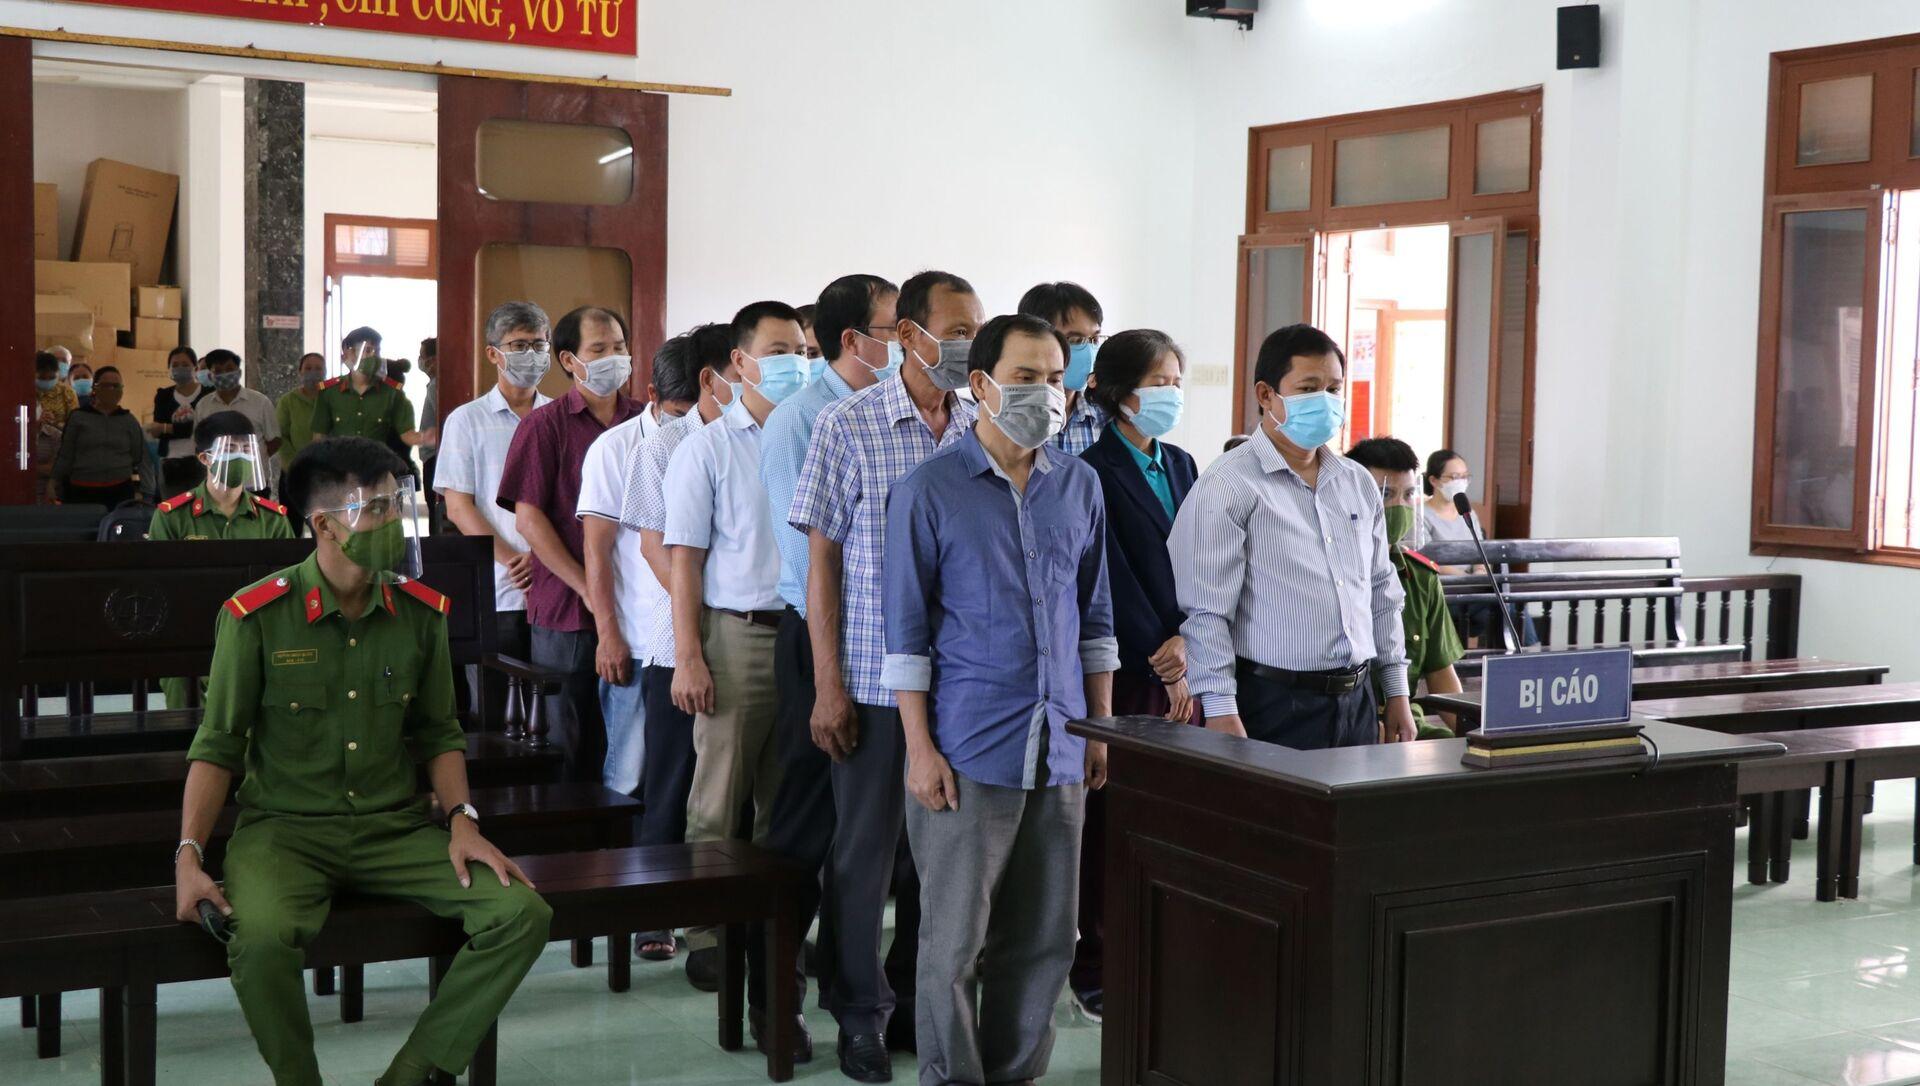 Tuyên án vụ lộ đề thi công chức ở Phú Yên - Sputnik Việt Nam, 1920, 27.09.2021